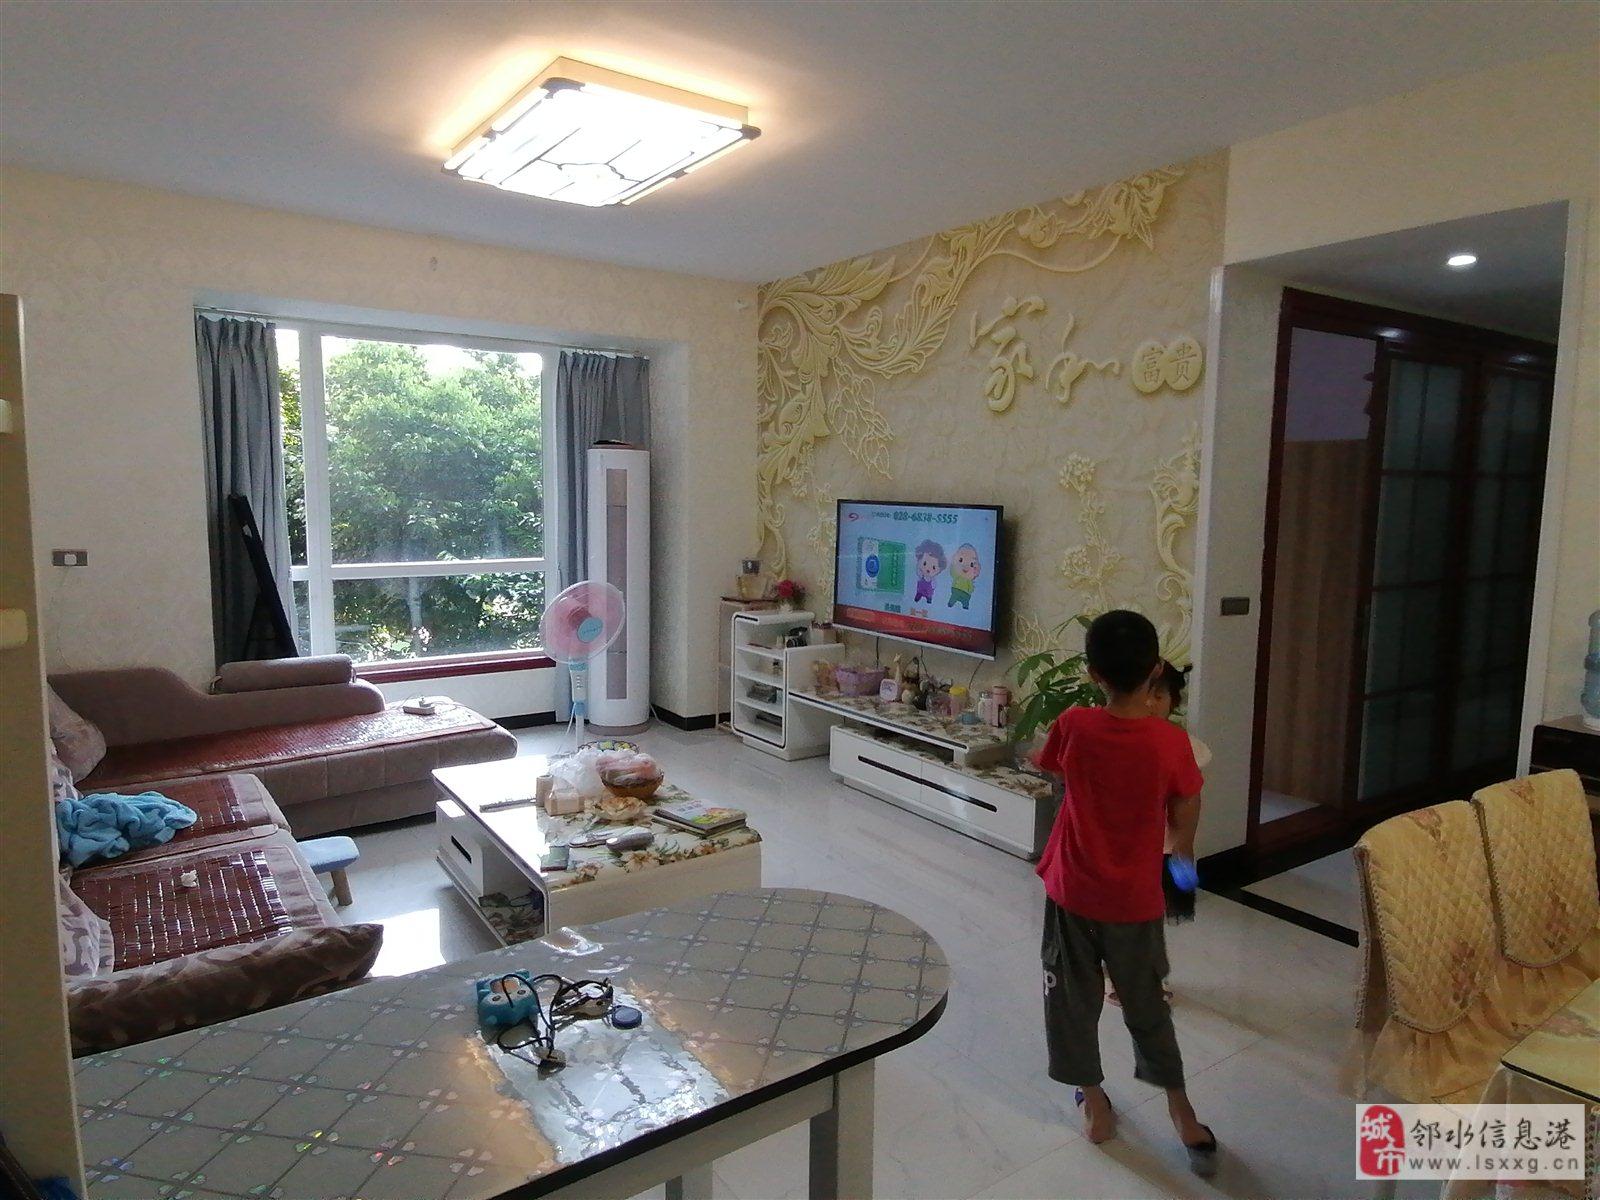 澤達未來國際低樓層學區房三完小旁